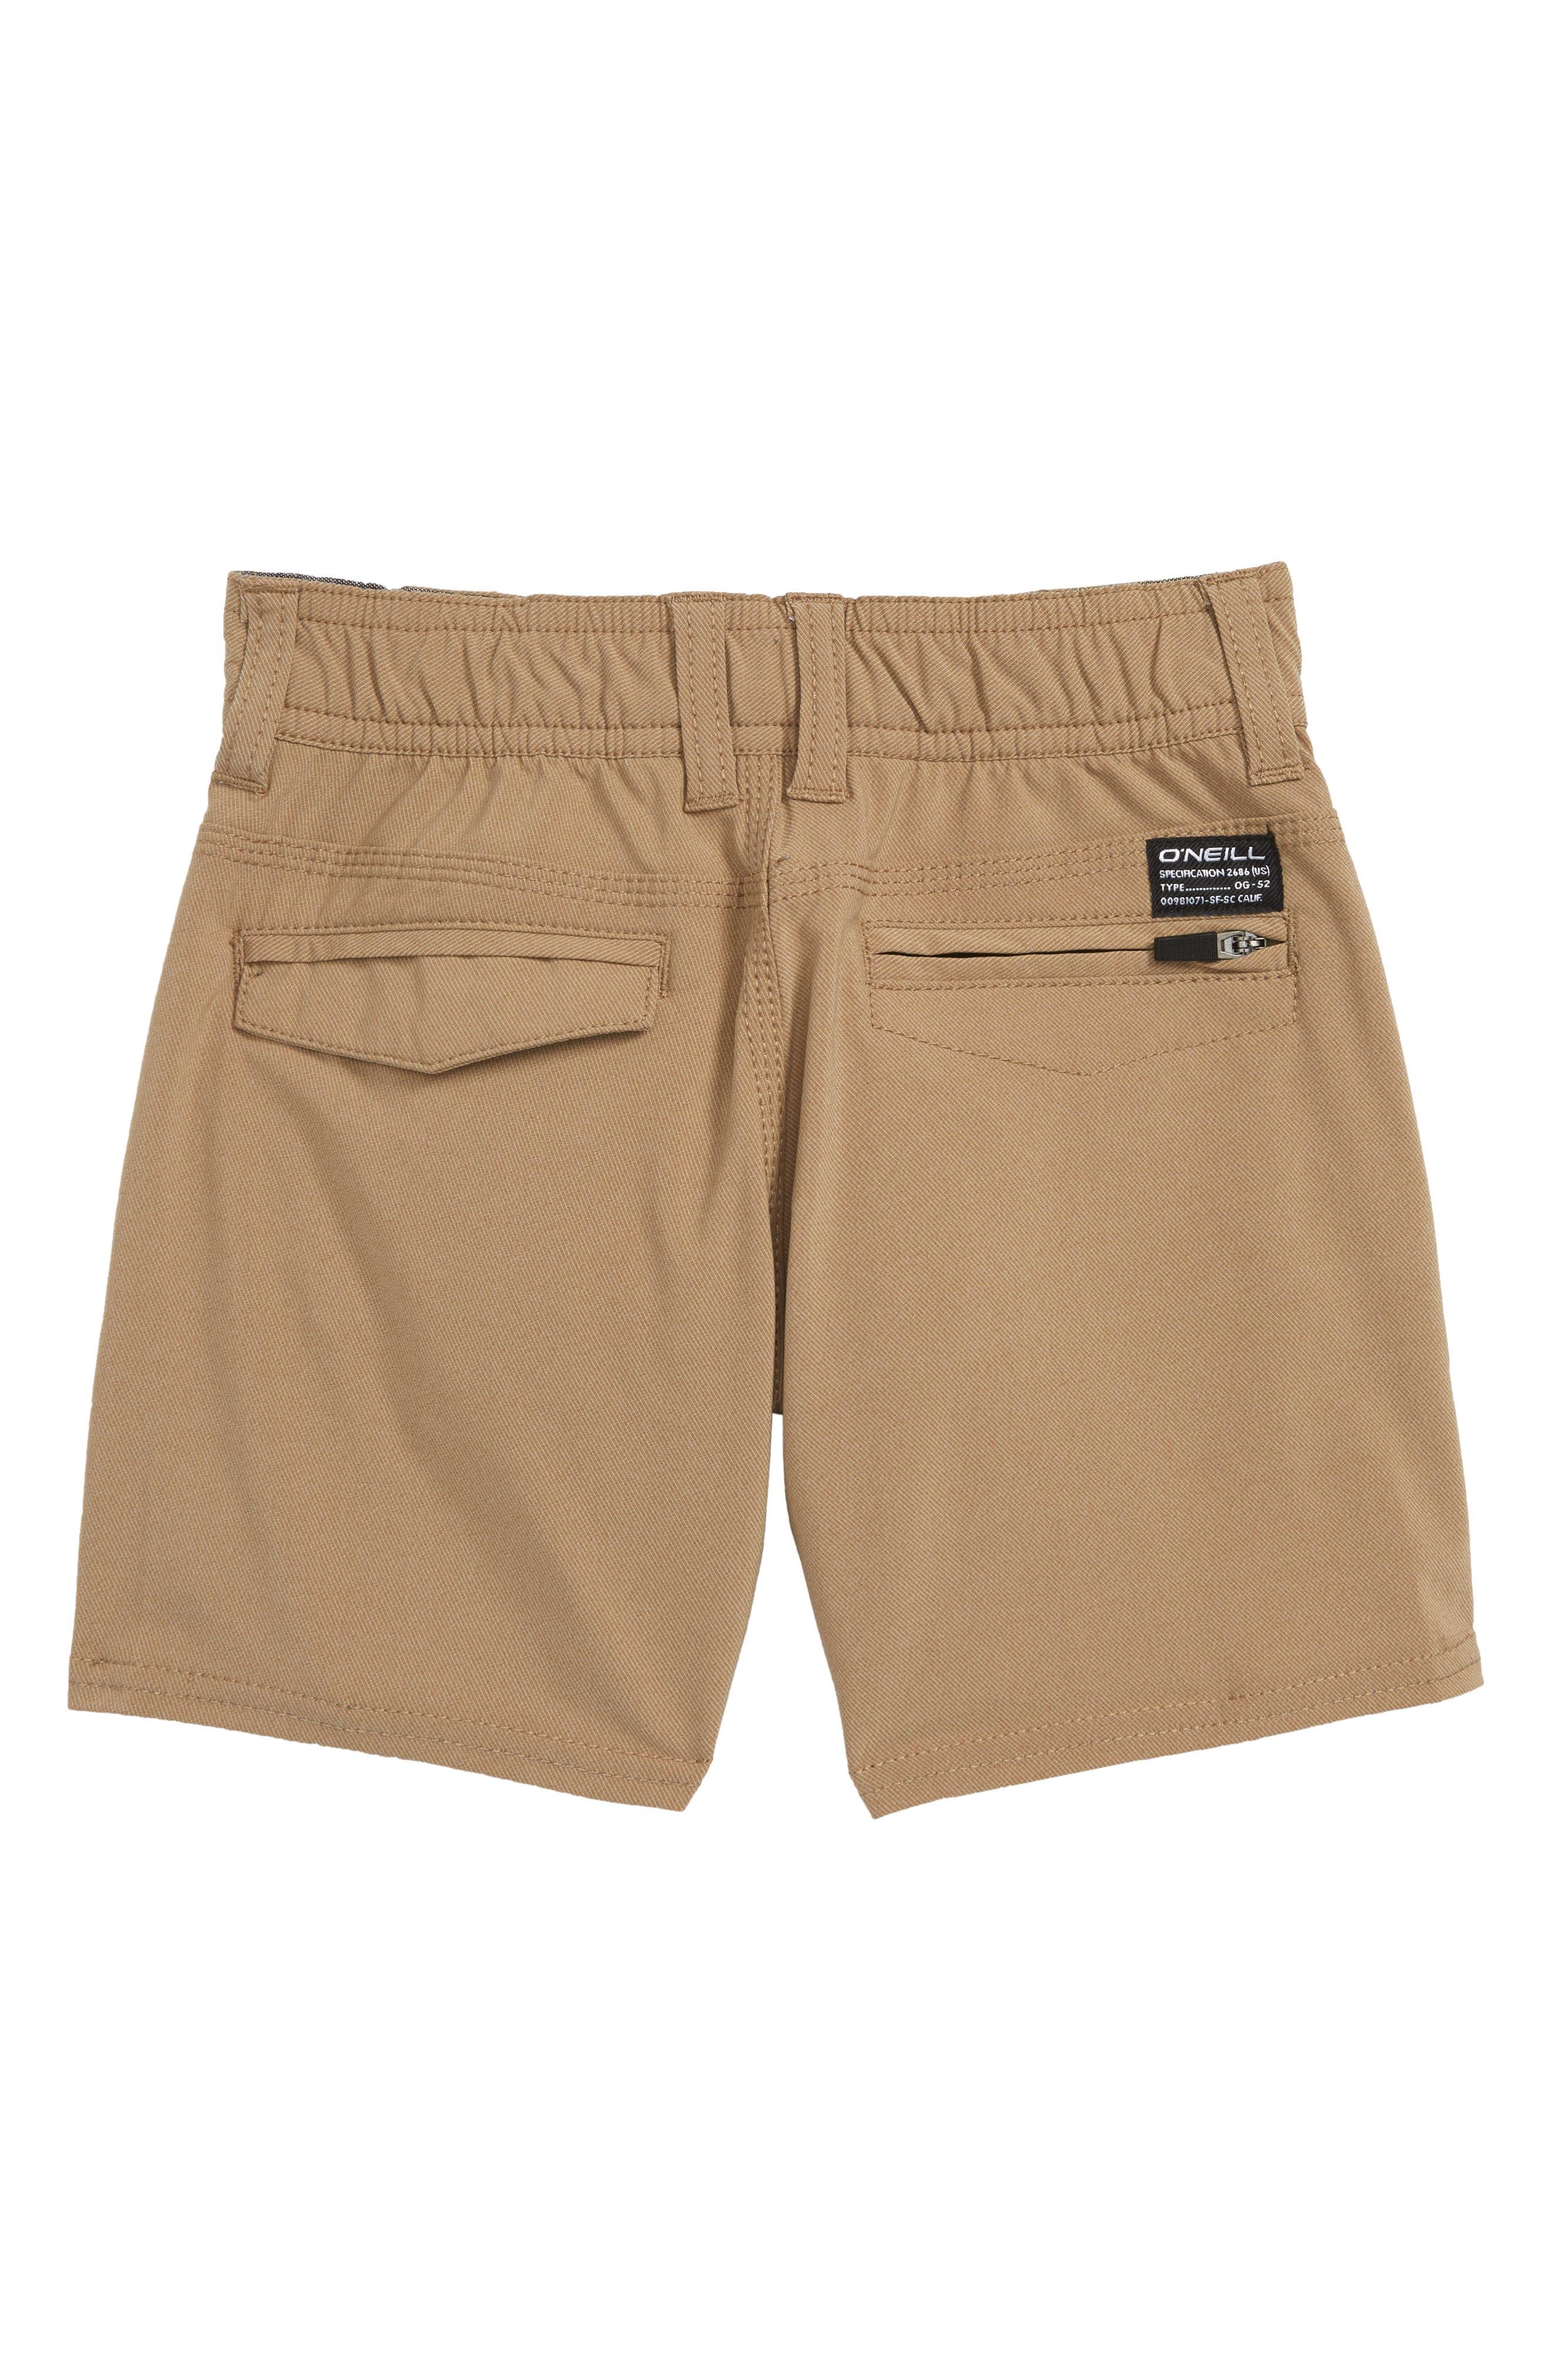 Stockton Hybrid Shorts,                             Alternate thumbnail 2, color,                             KHAKI